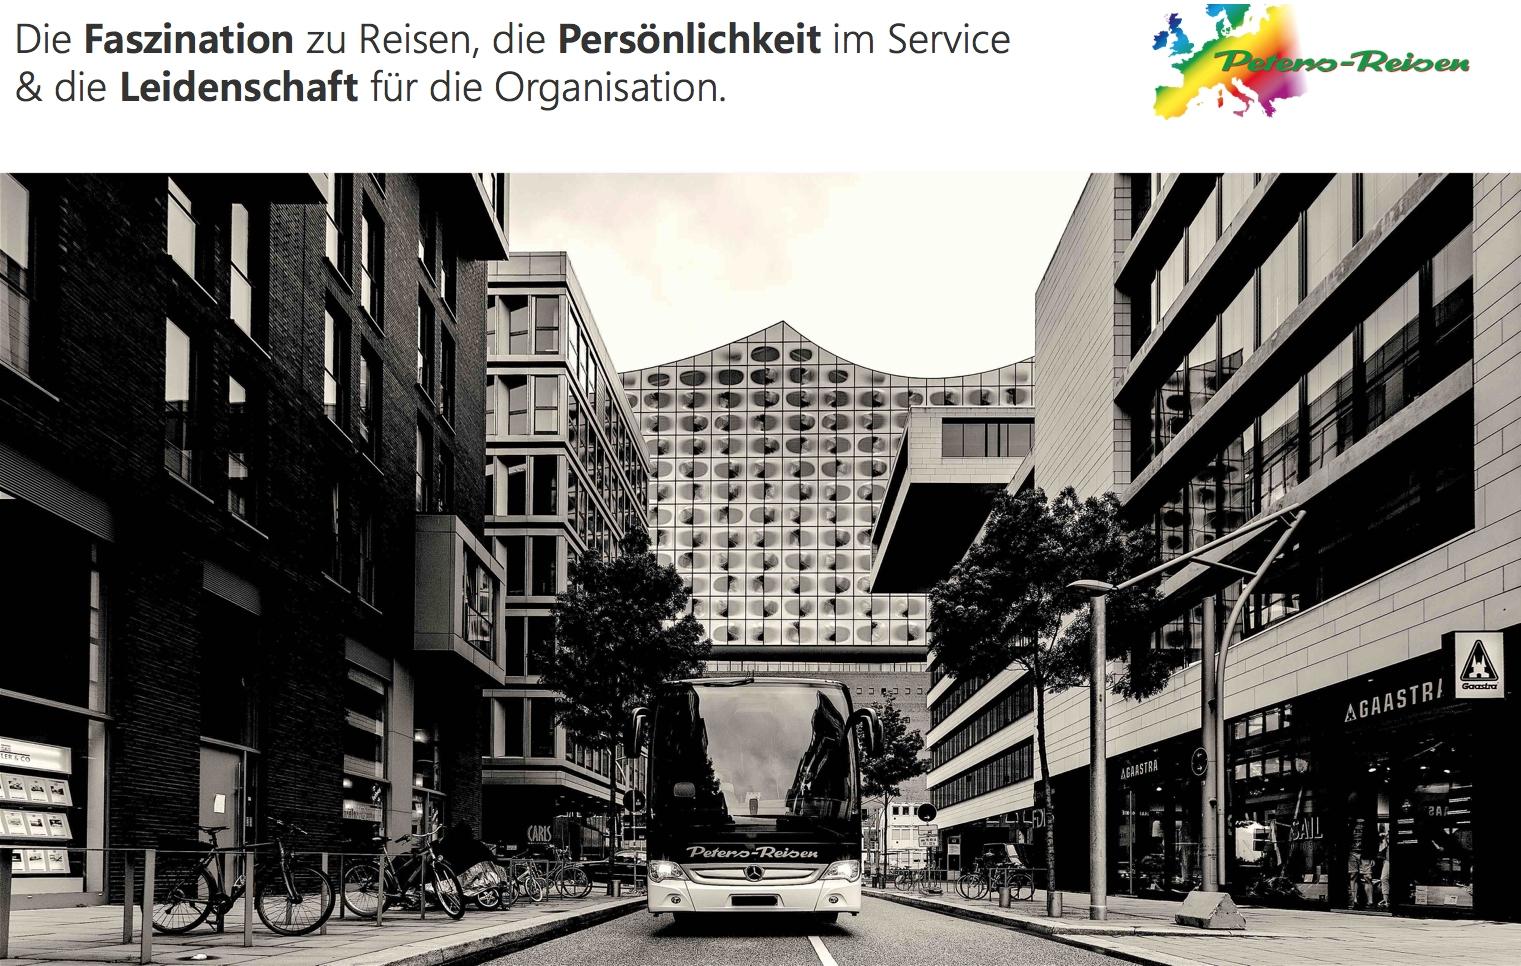 peters-reisen.de